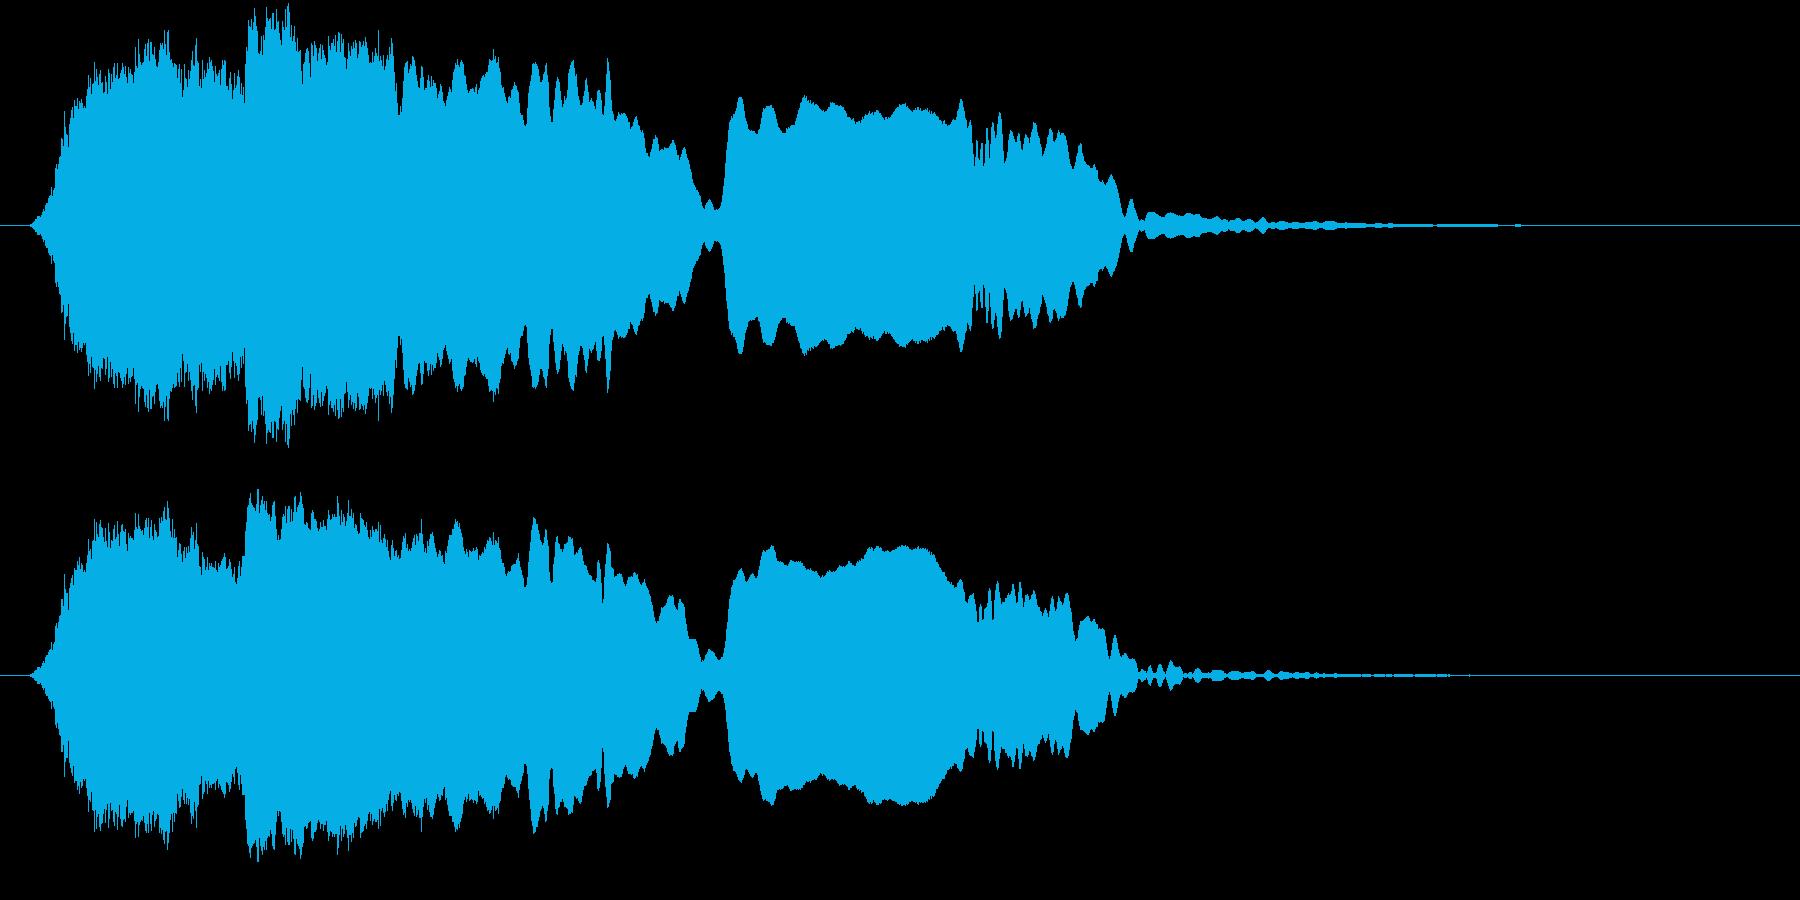 音侍SE「尺八フレーズ1」エニグマ音04の再生済みの波形